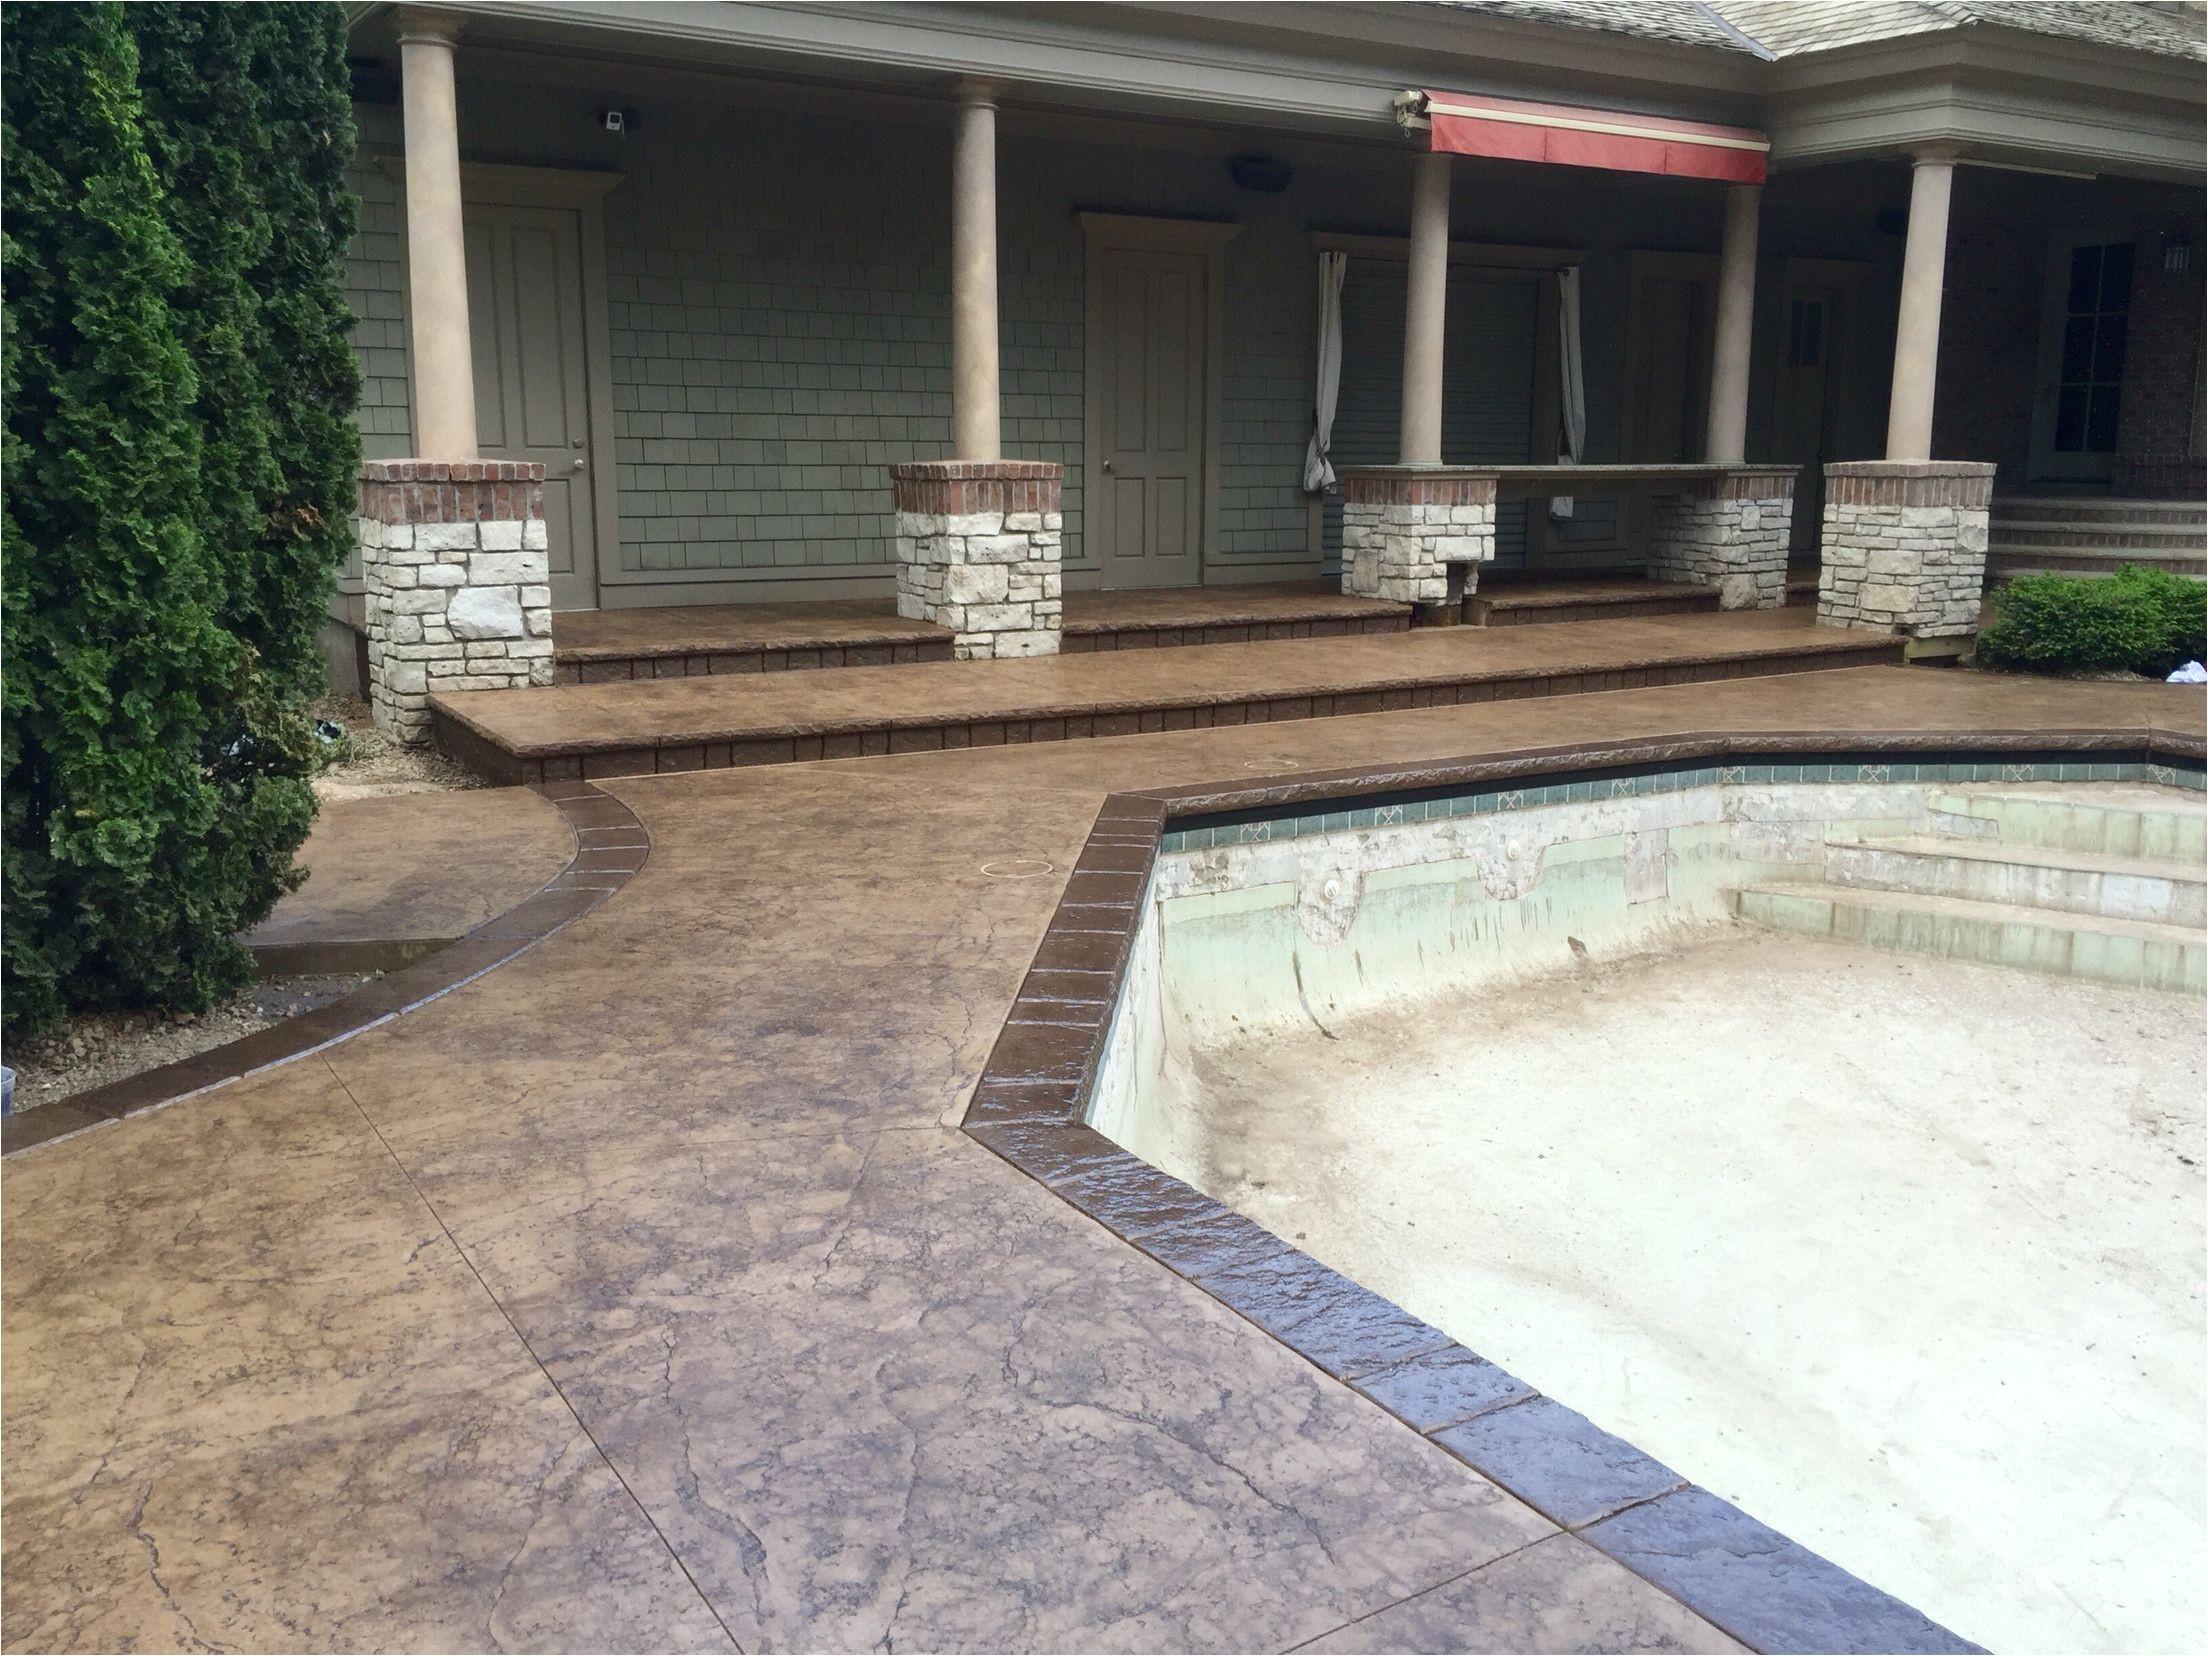 pin by dana eline on pools concrete borders pool decks deck backyard